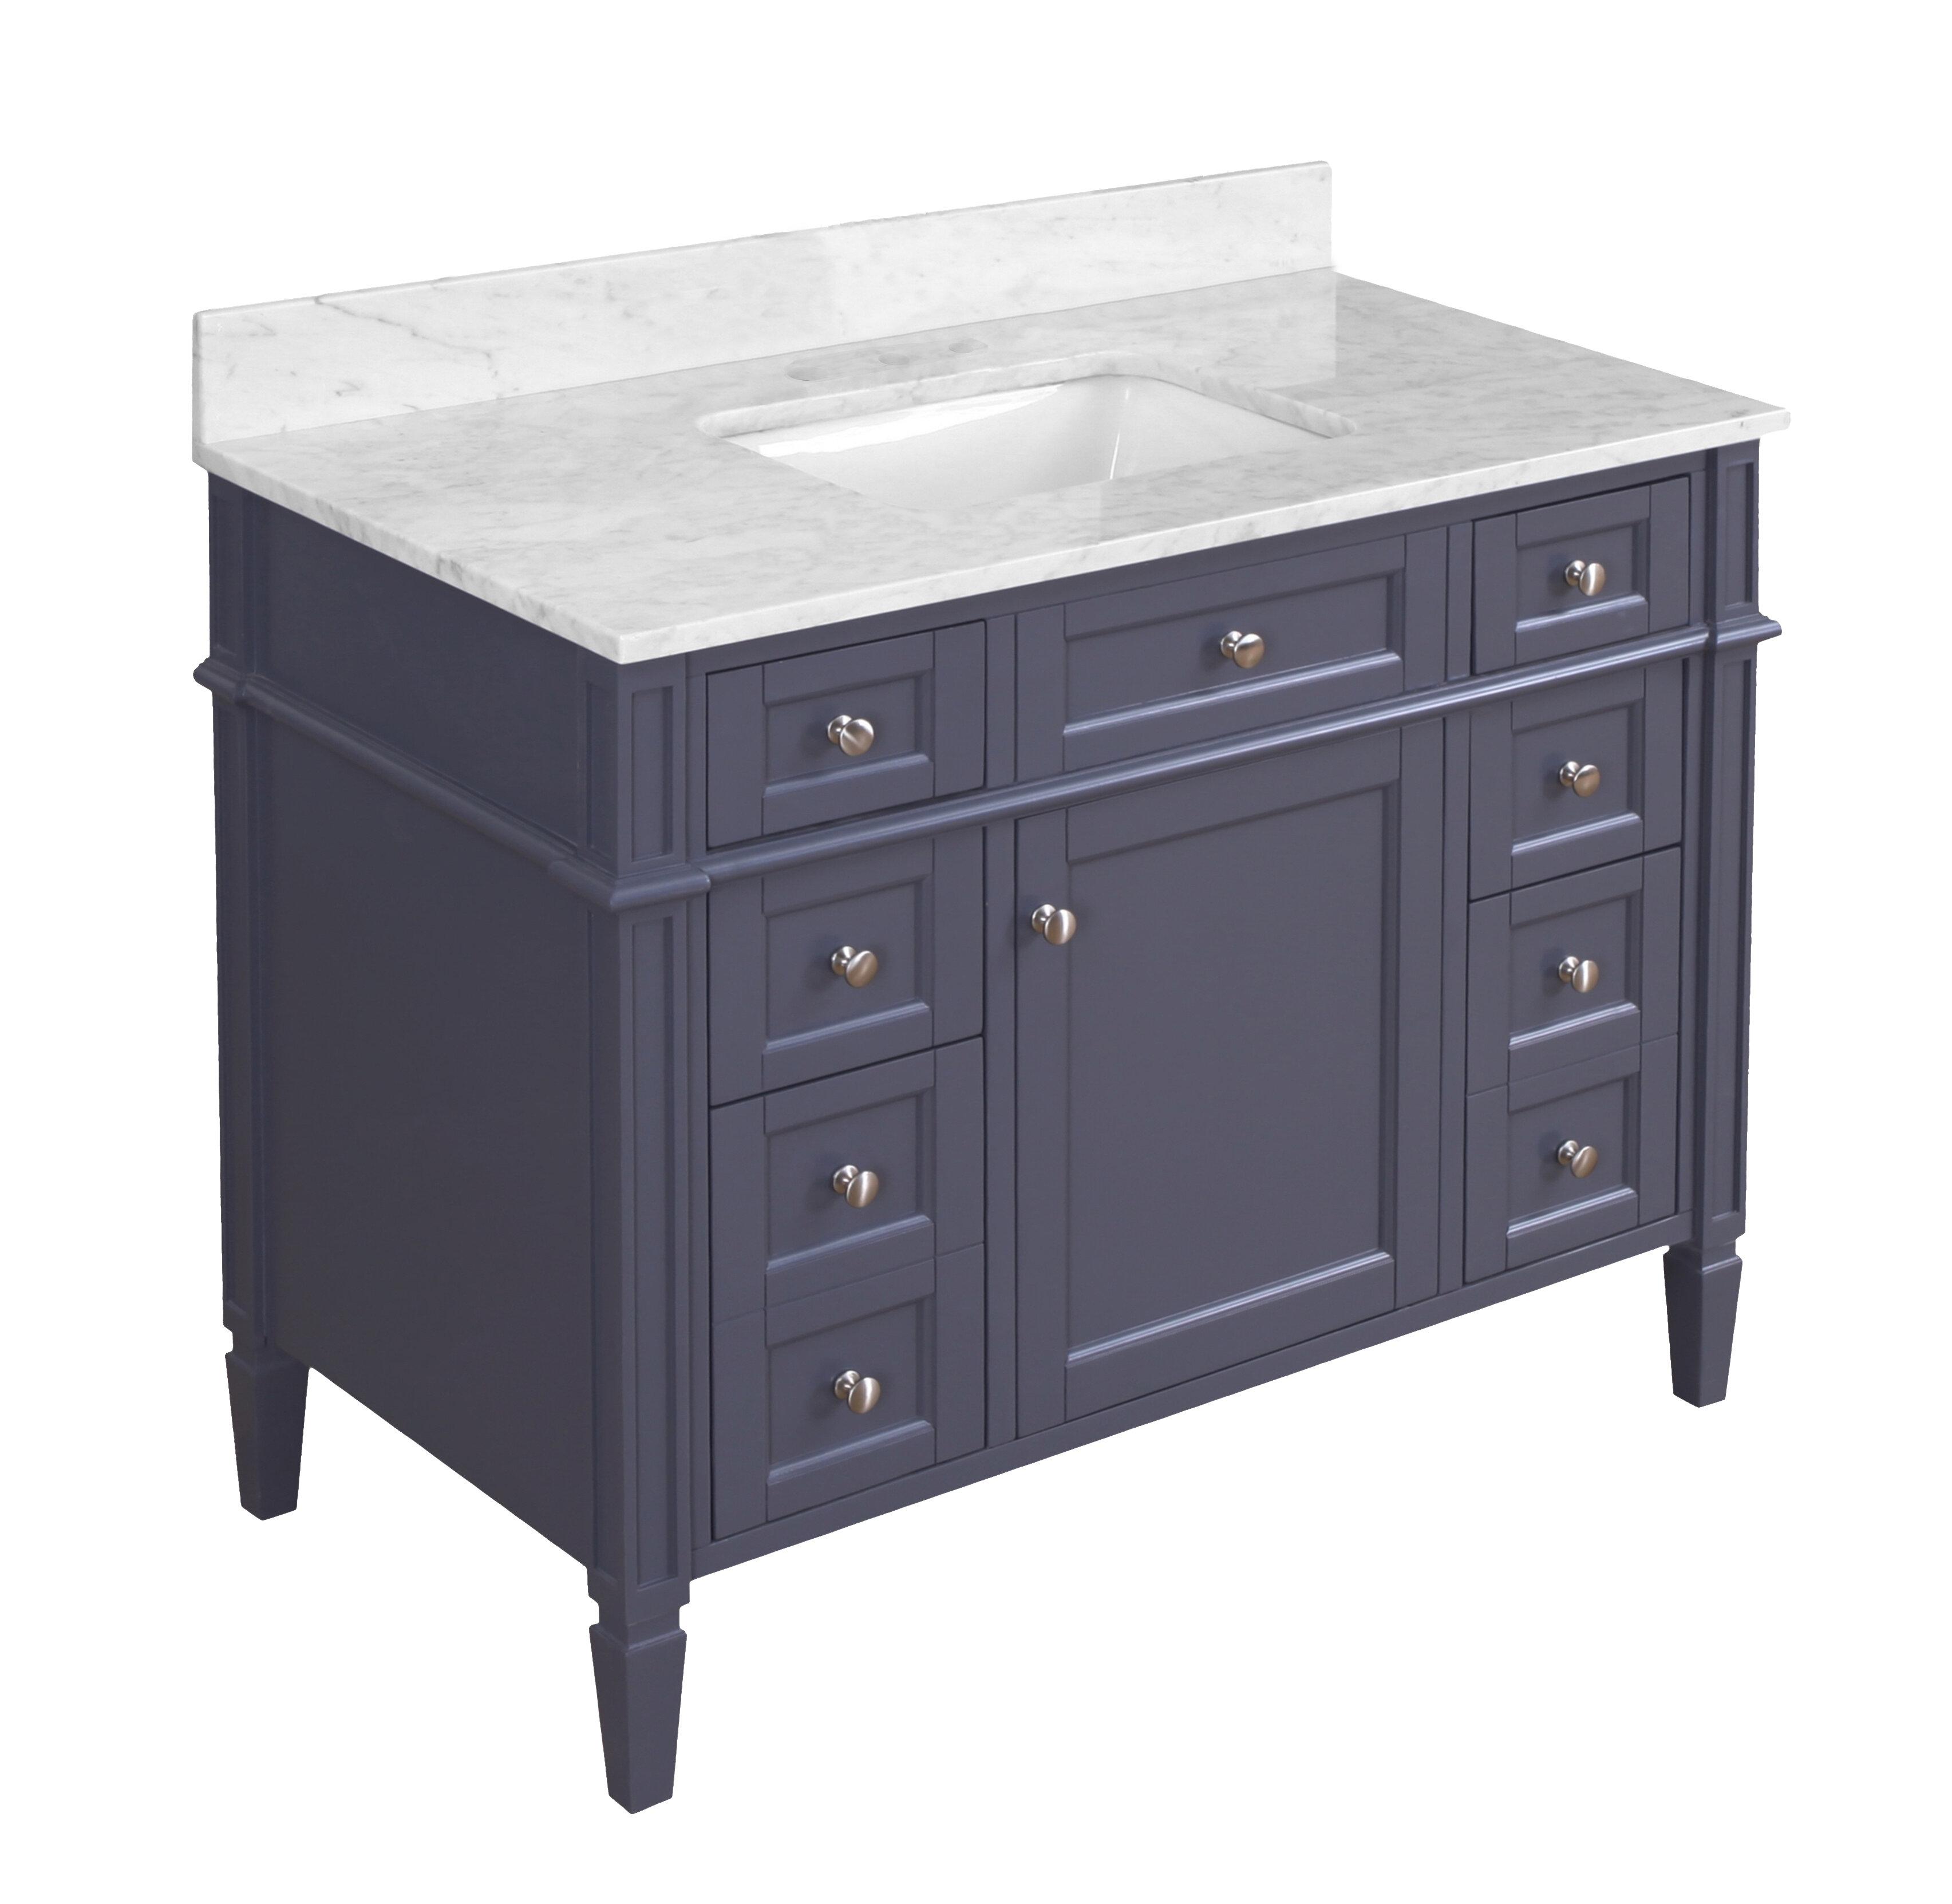 Vanities 28 Jensen Modern Gray Single Bathroom Vanity With White Carrera Marble Top Home Garden Citricauca Com